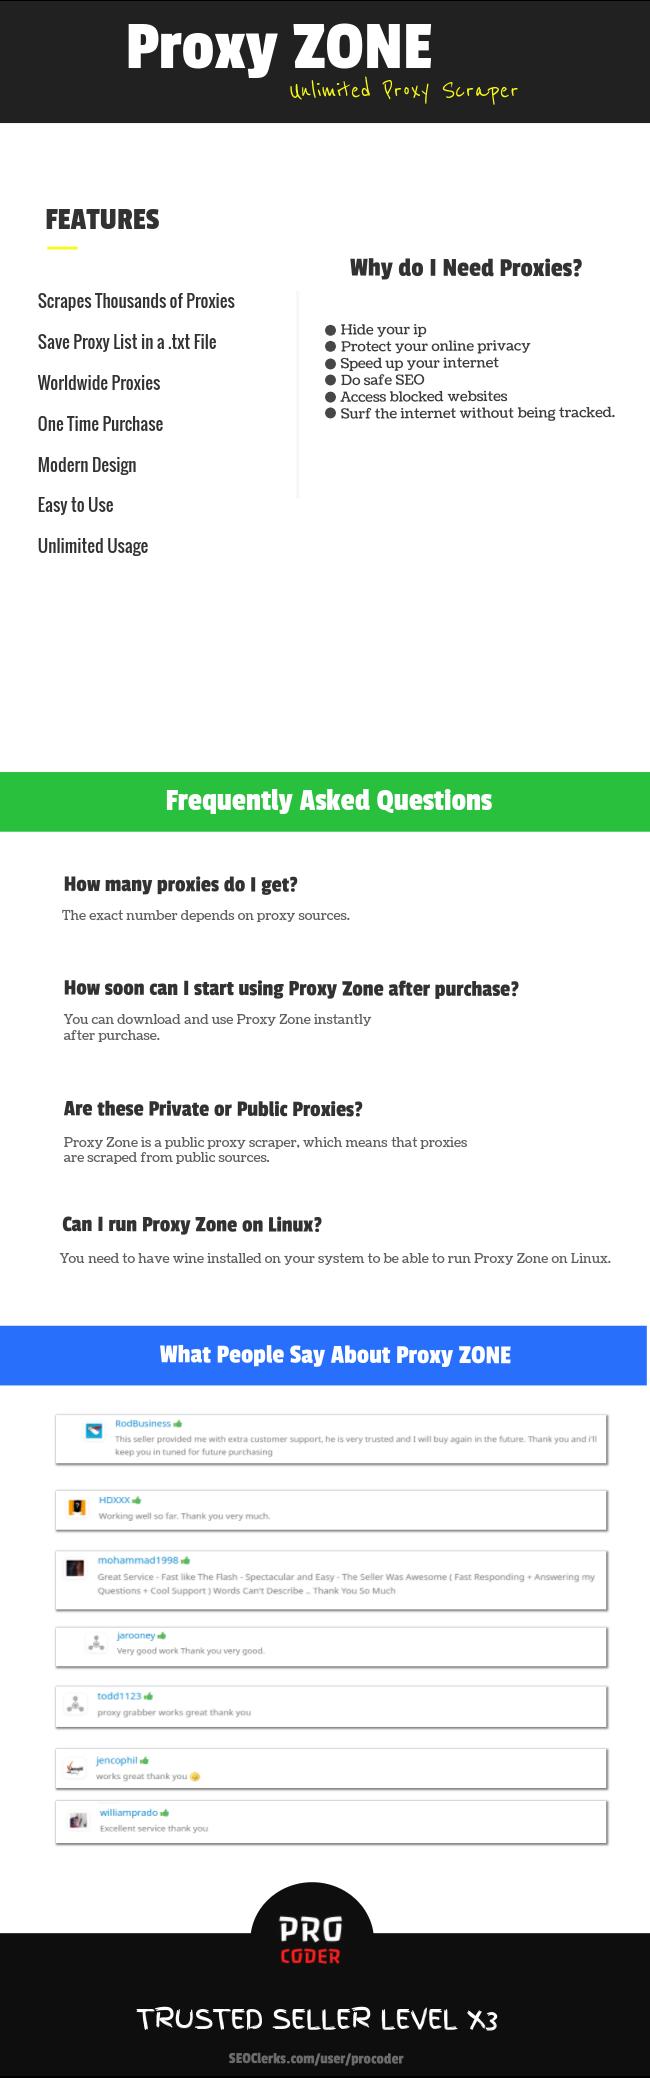 Proxy Zone - Unlimited Proxy Scraper for $9